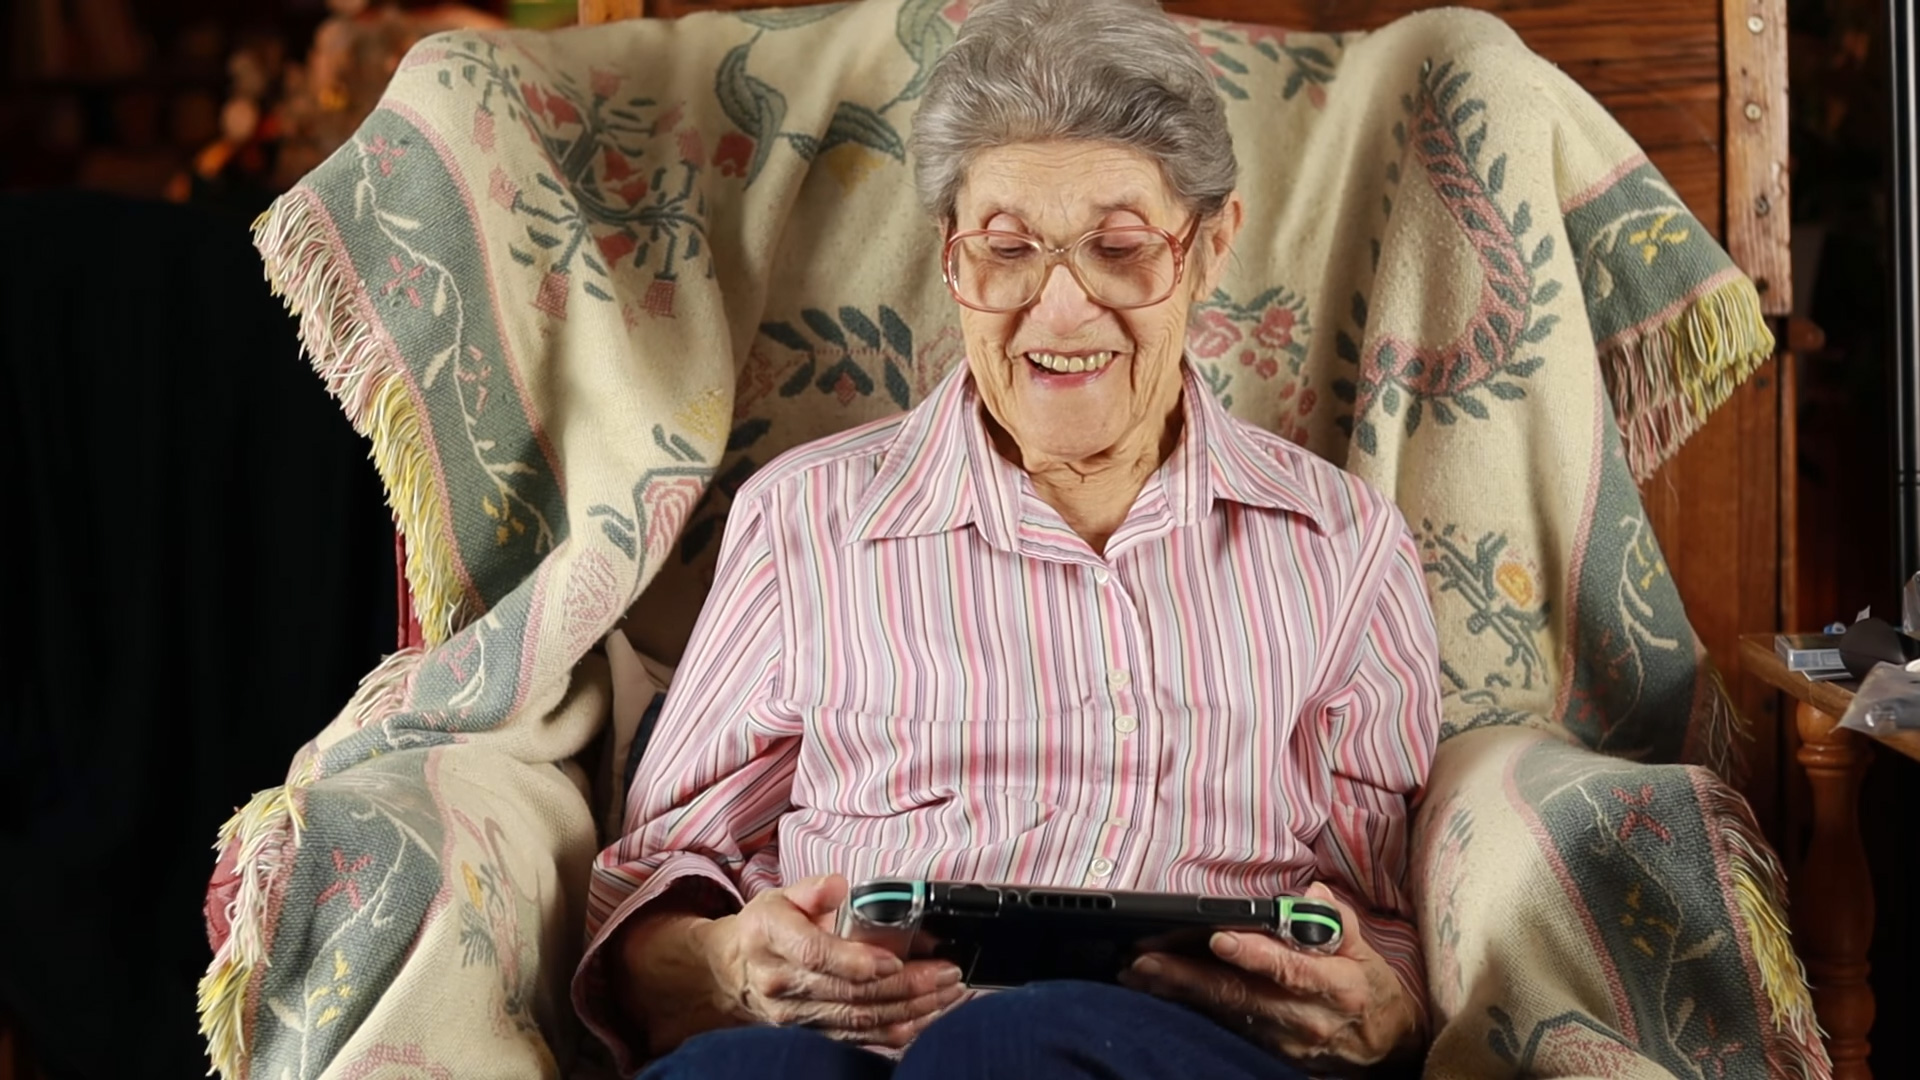 Everyone's favorite Animal Crossing grandma got New Horizons screenshot